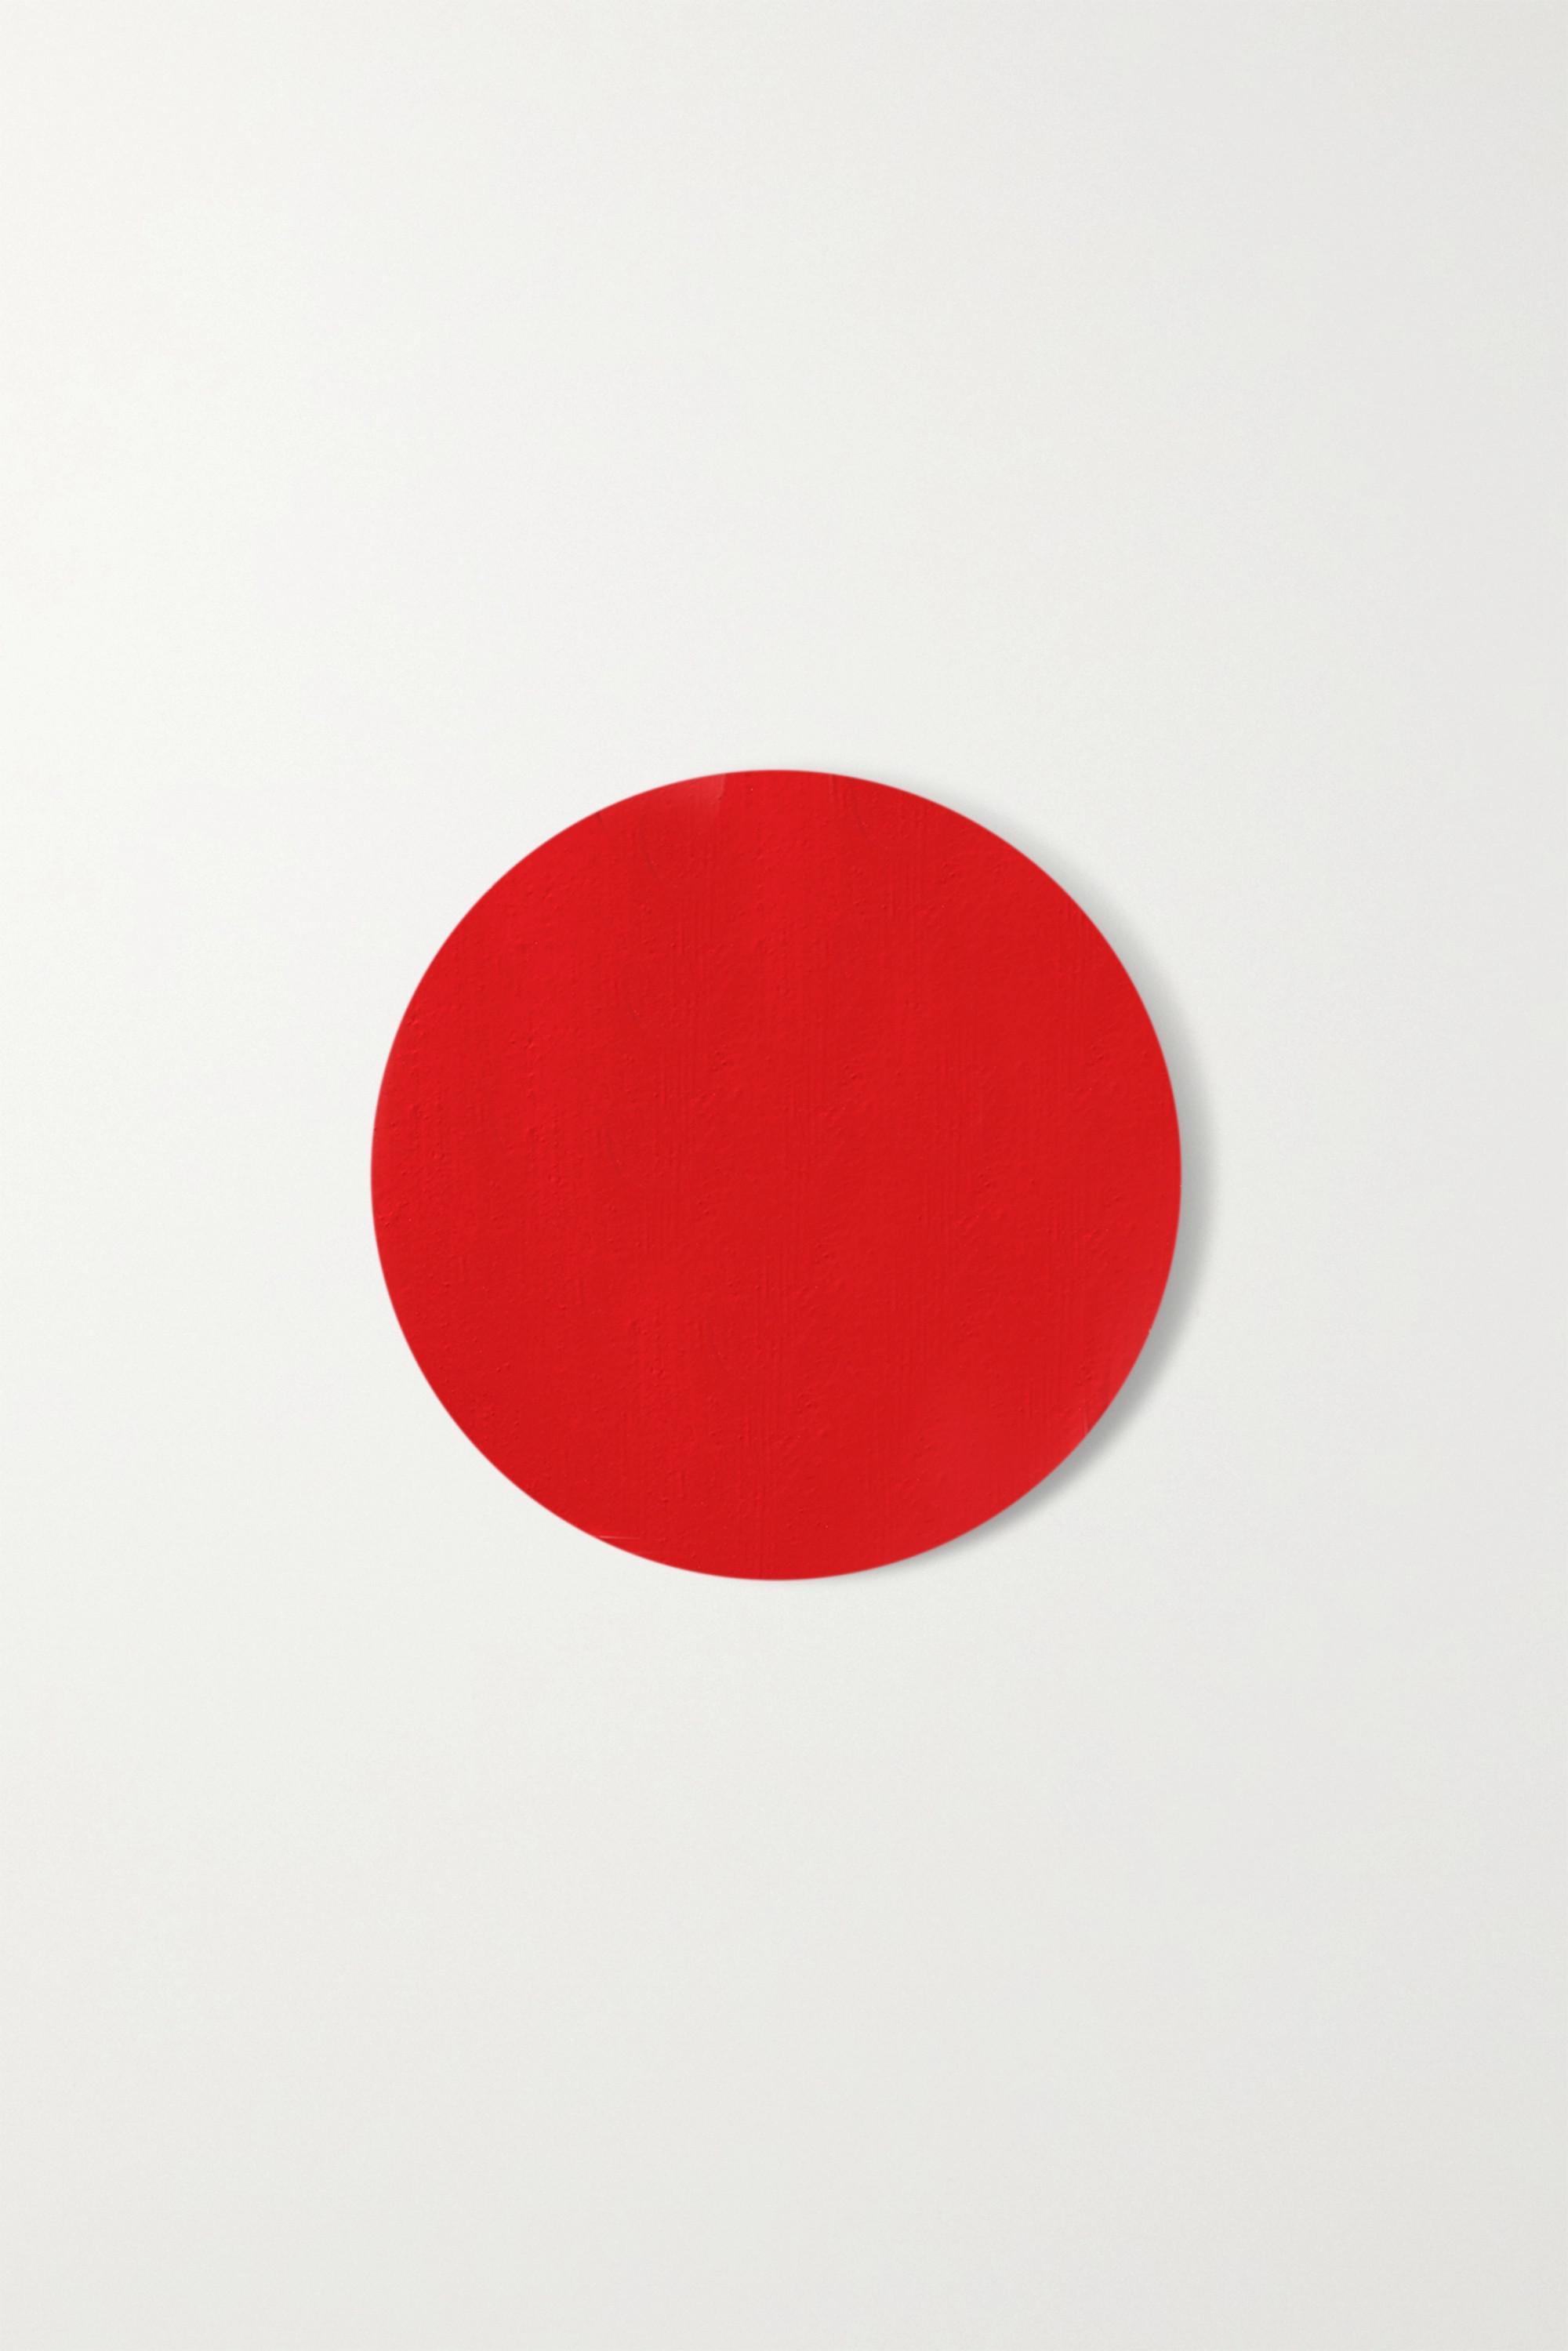 Christian Louboutin Beauty Silky Satin Lip Colour - Catchy One